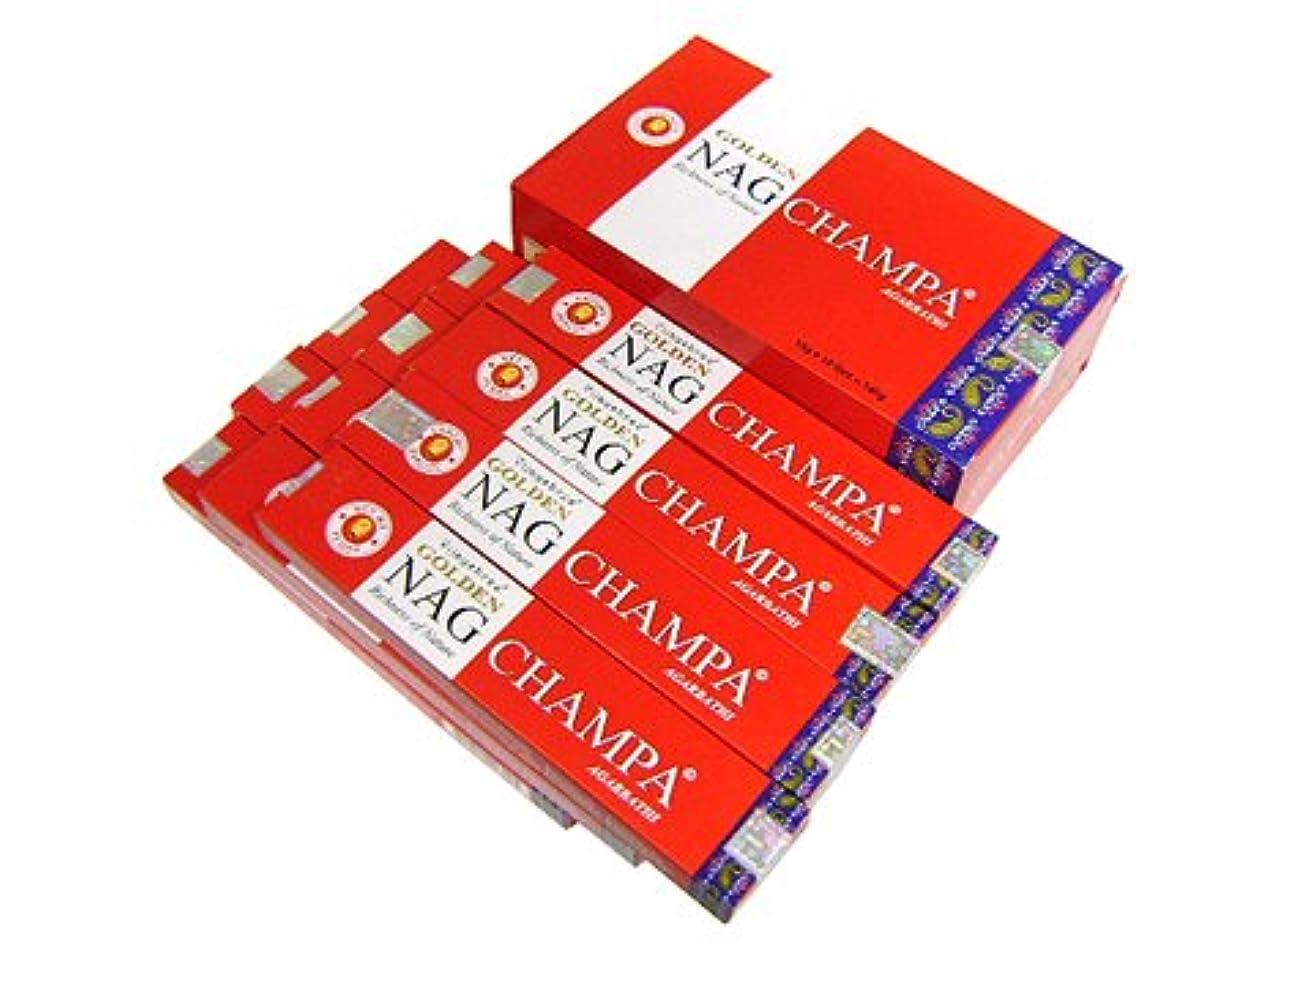 一元化する有名人機械的VIJAYSHRE(ヴィジェイシリー ゴールデン) NAG CHAMPA ゴールデン ナグチャンパ香 スティック 12箱セット